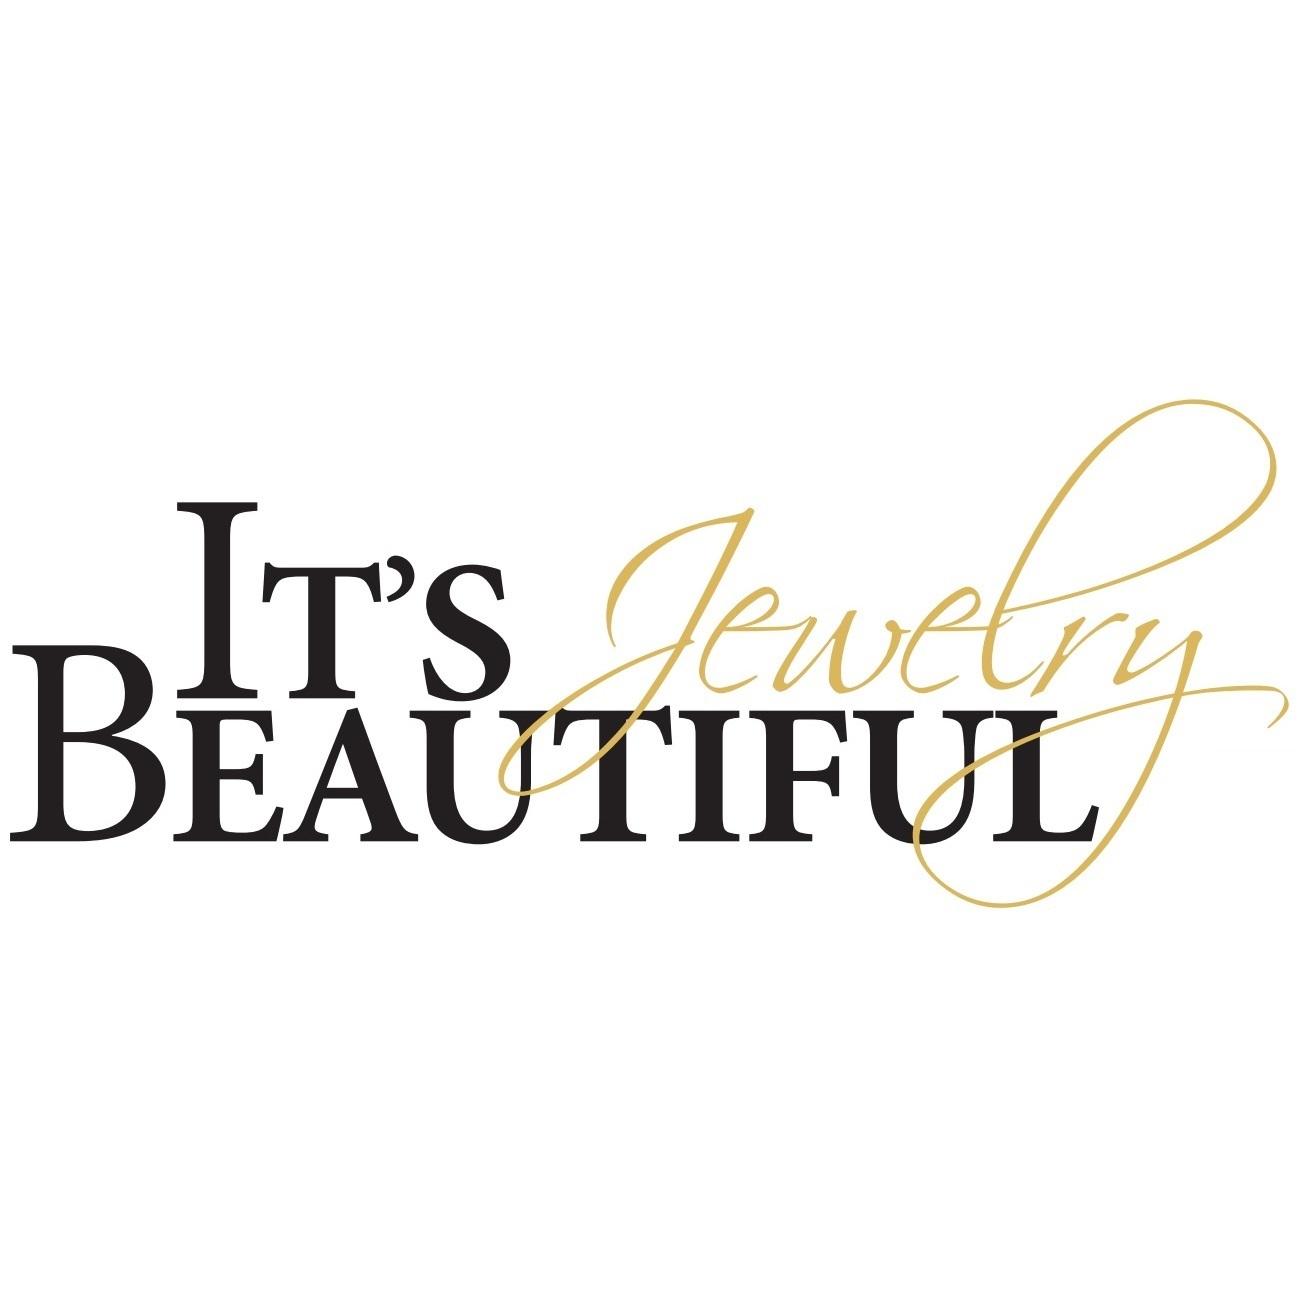 Alle 3 Juwelier It's Beautiful kortingscodes geldig in mei 2019